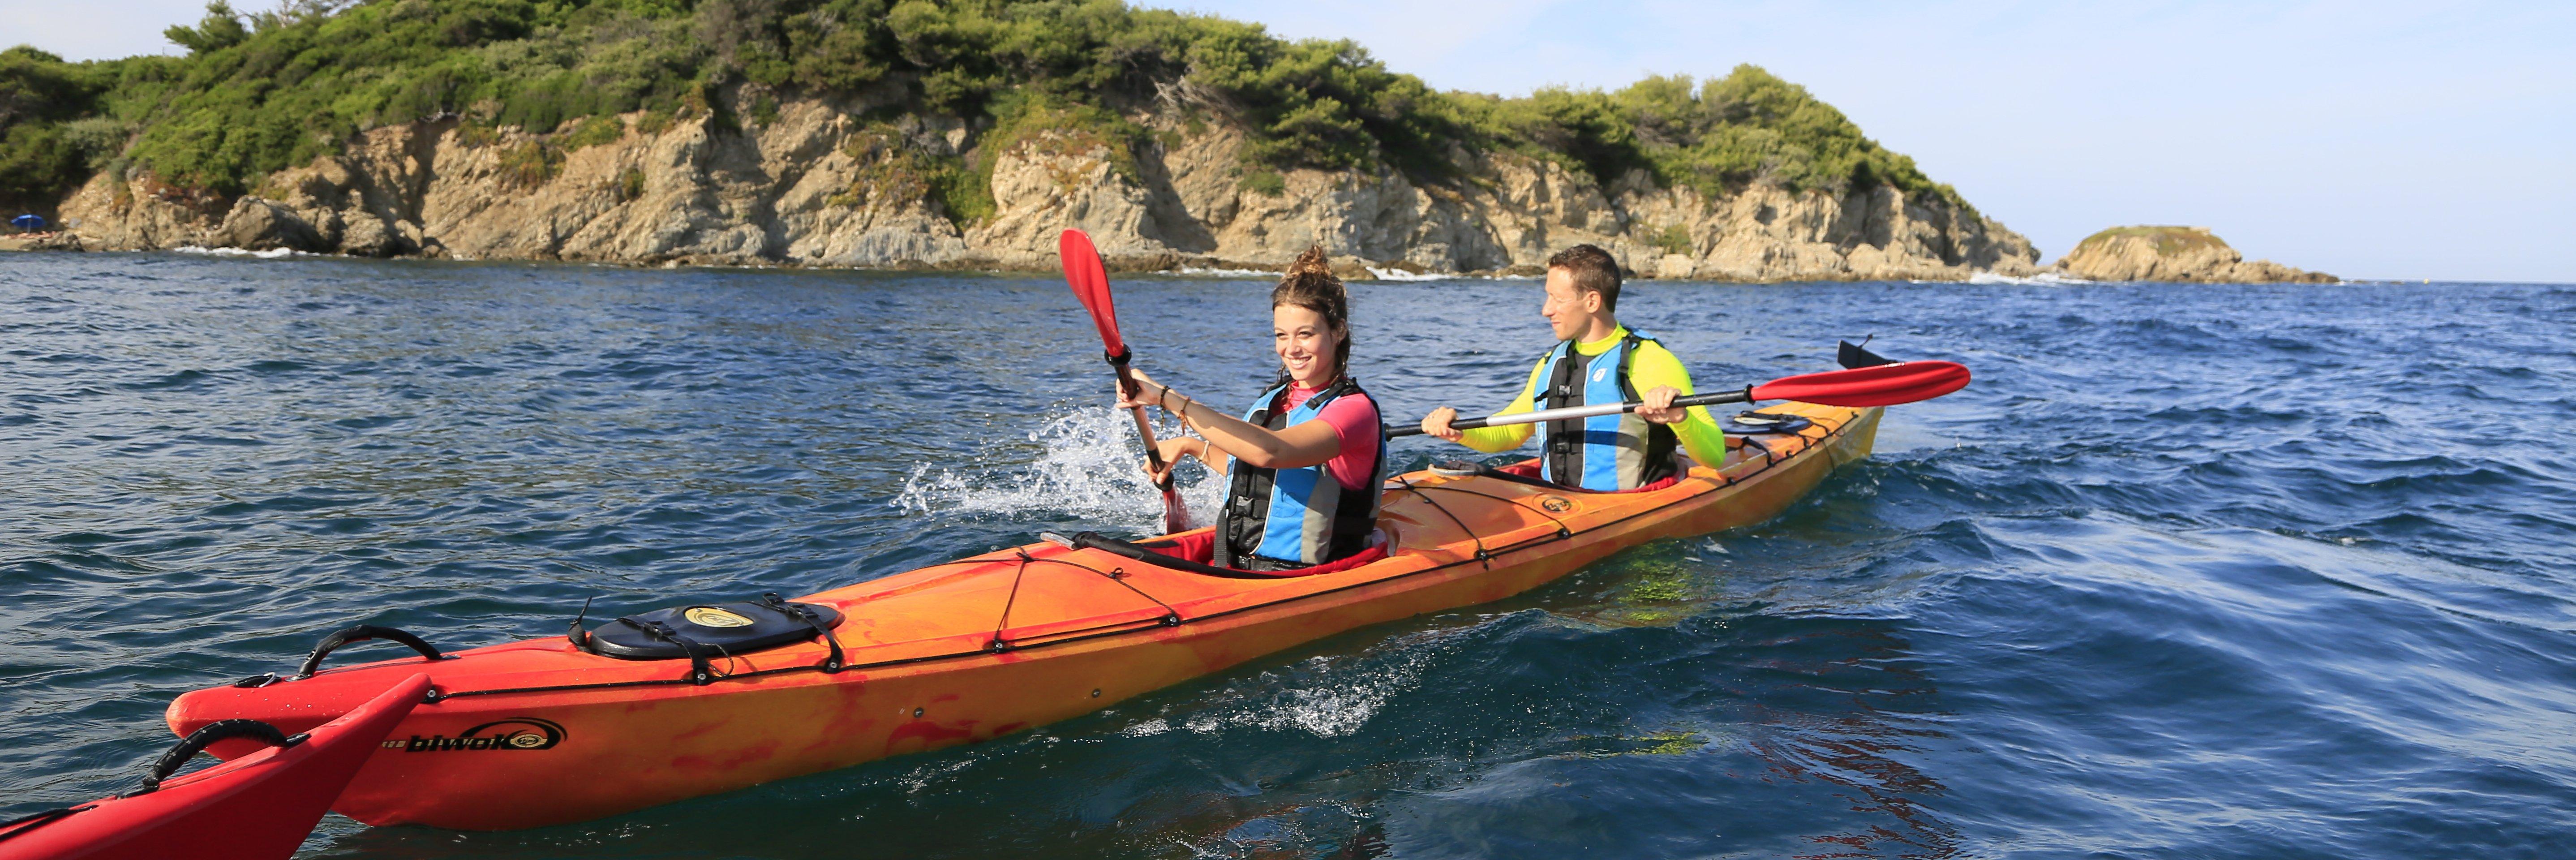 La Carte Jeunes Européenne et l'UCPA unissent leurs forces pour offrir des vacances inoubliables aux jeunes